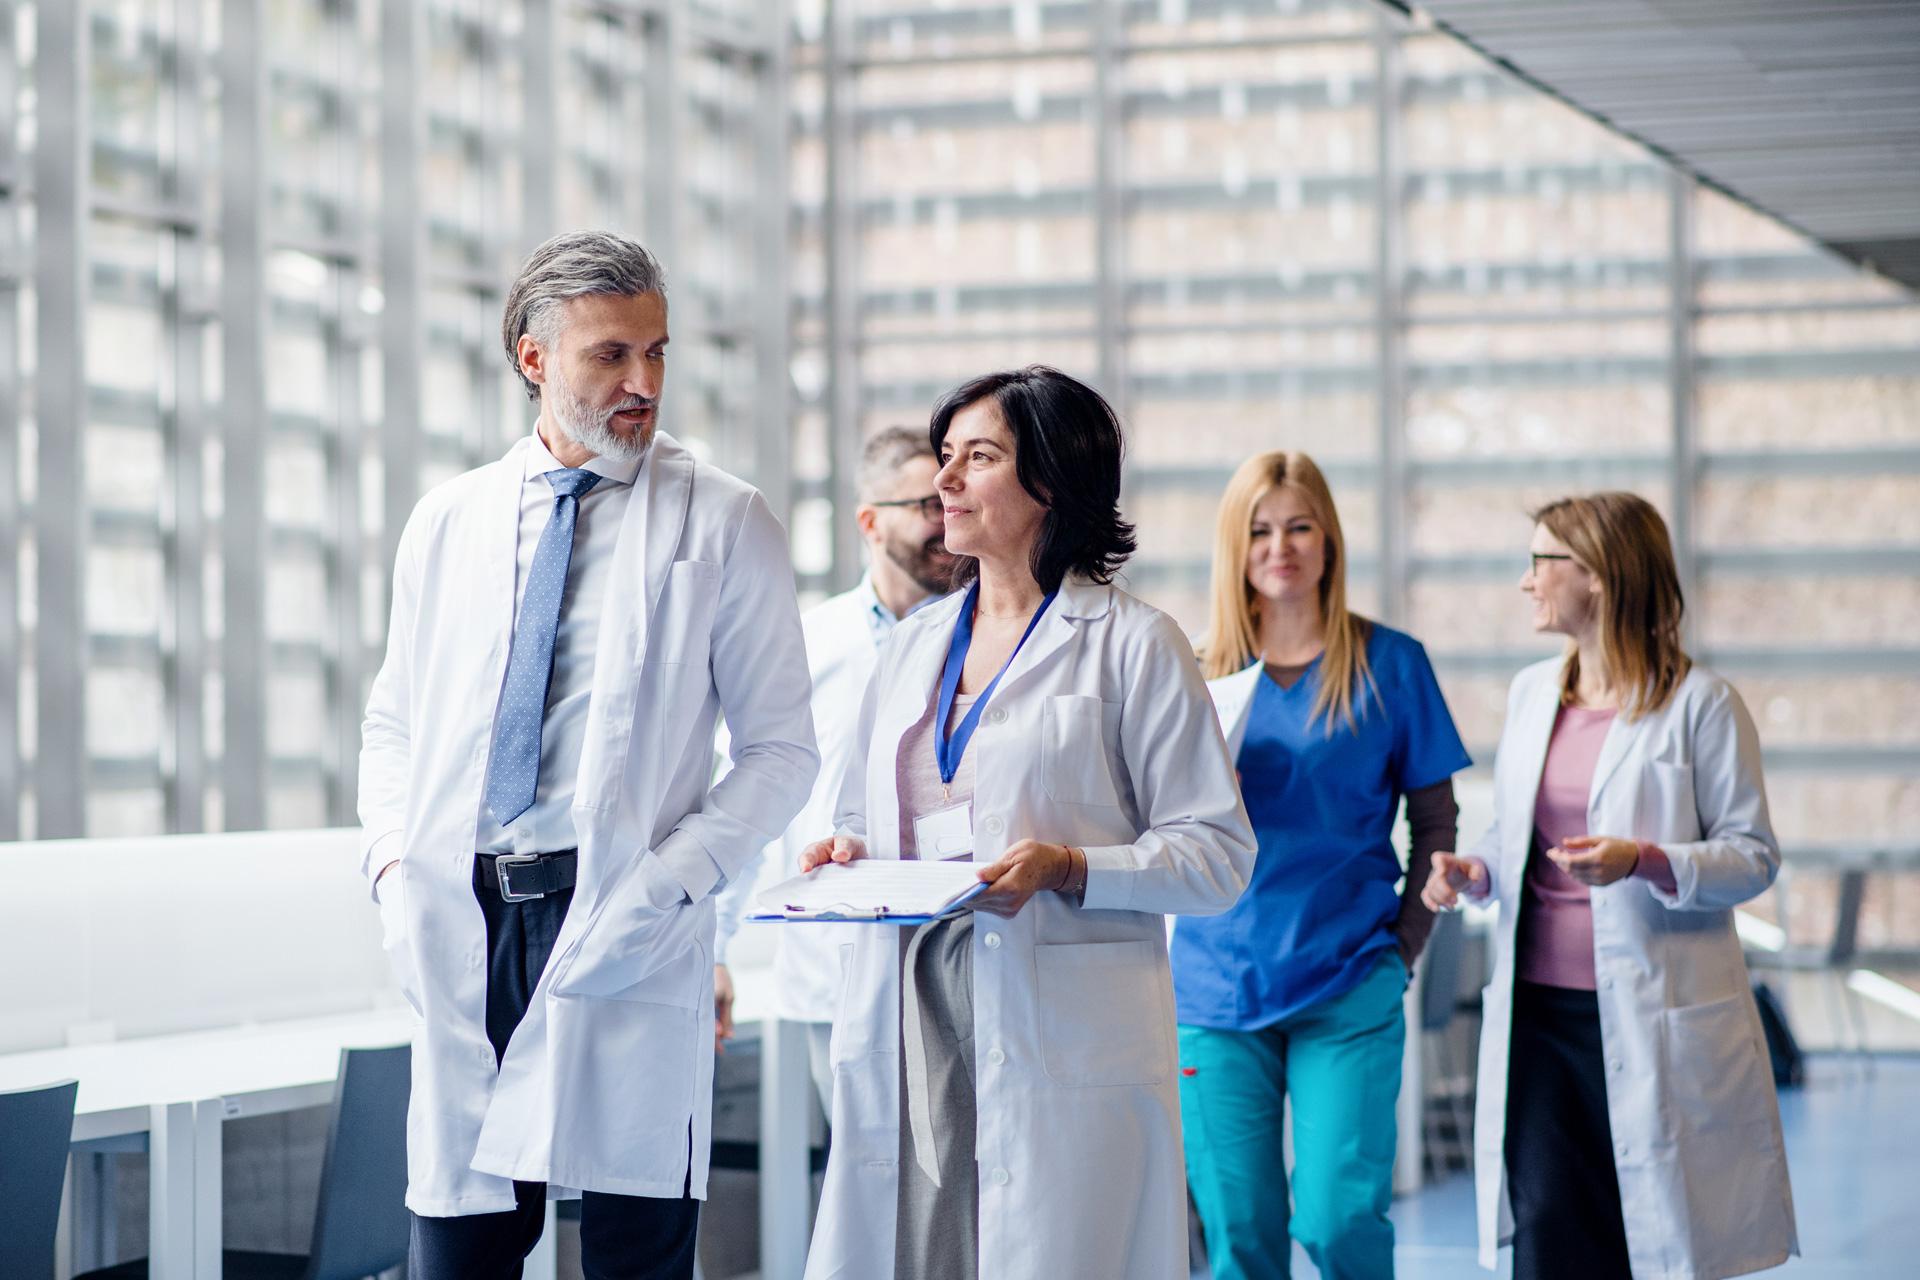 Grupa lekarzy idzie korytarzem w szpitalu, który ma LEX Compliance Medica